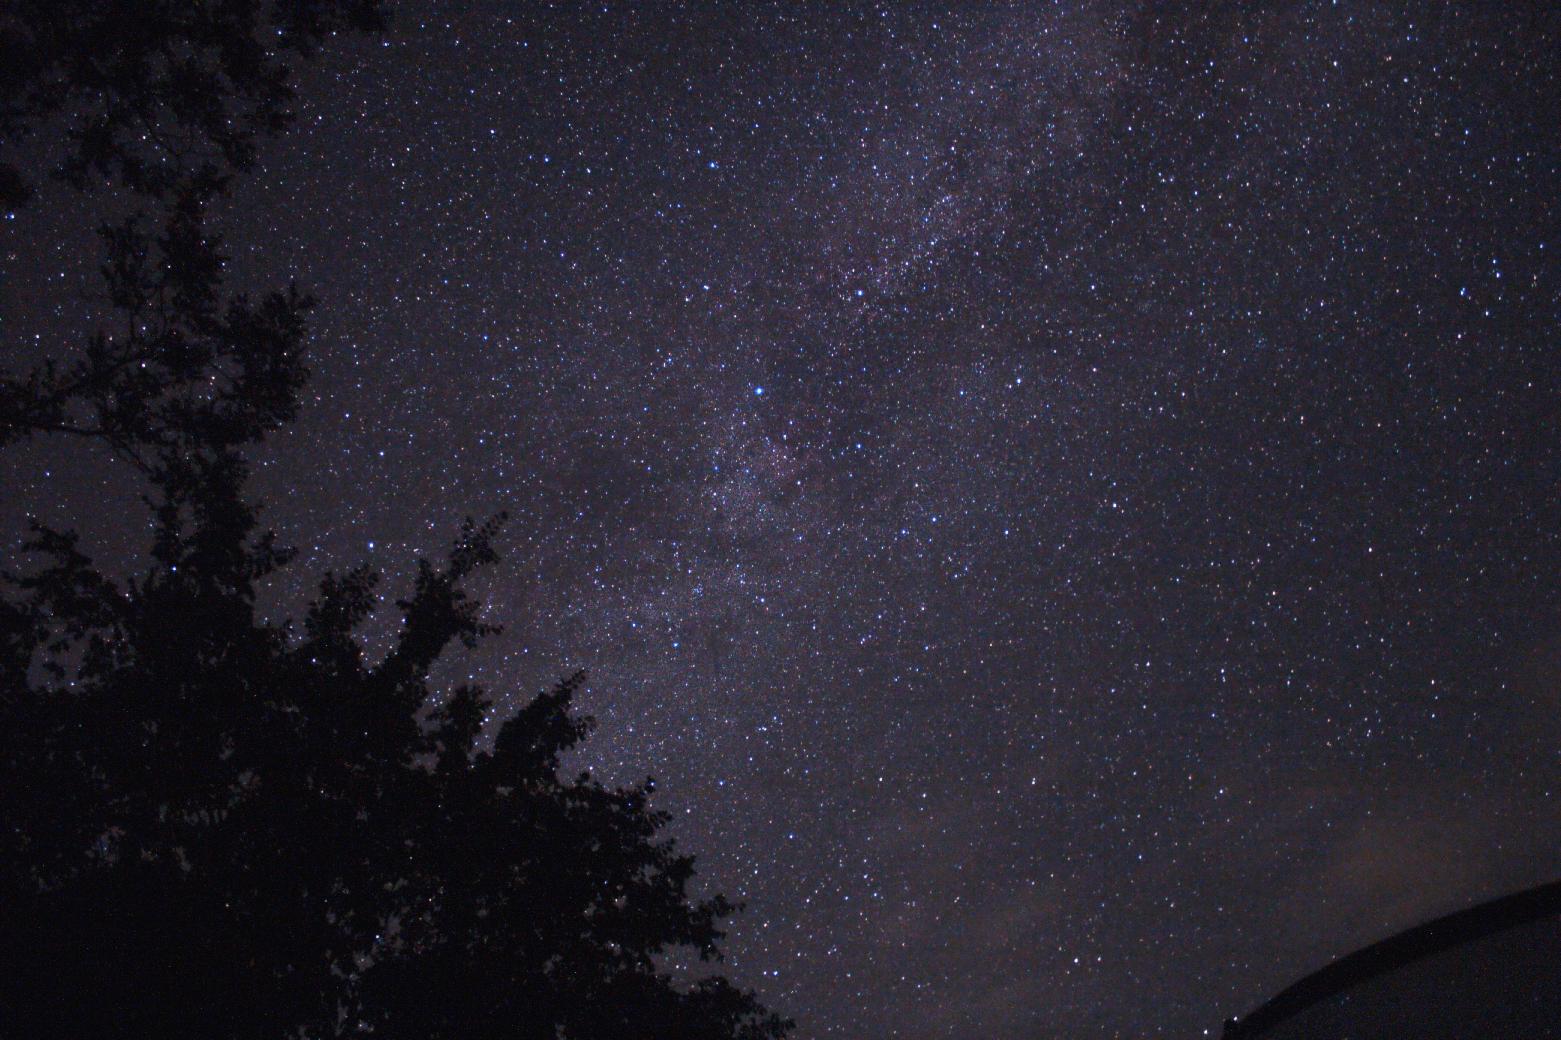 Milkyway in Cygnus